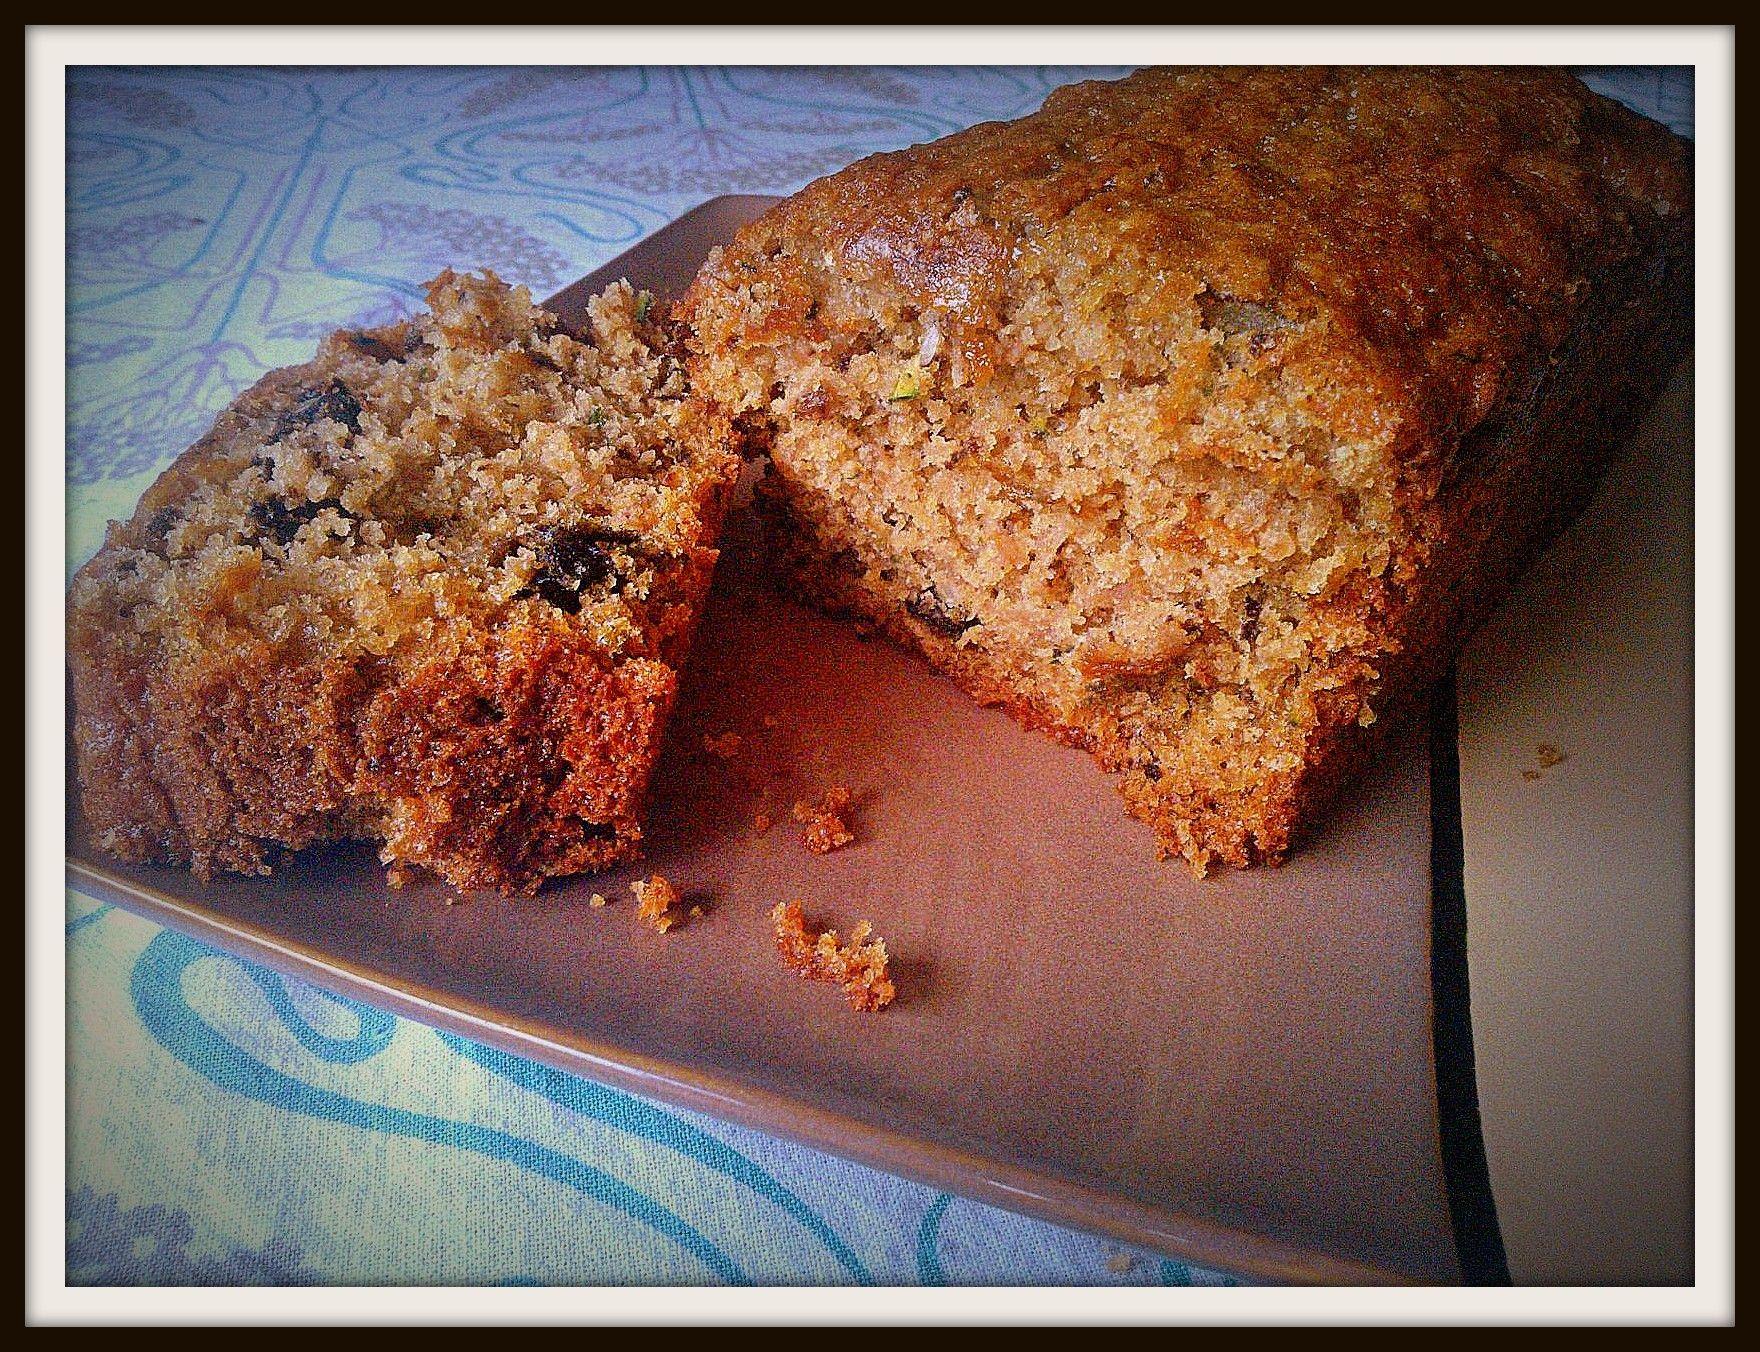 zuccini bread, con harina de avena integral, azúcar de caña, zuccini, nueces.